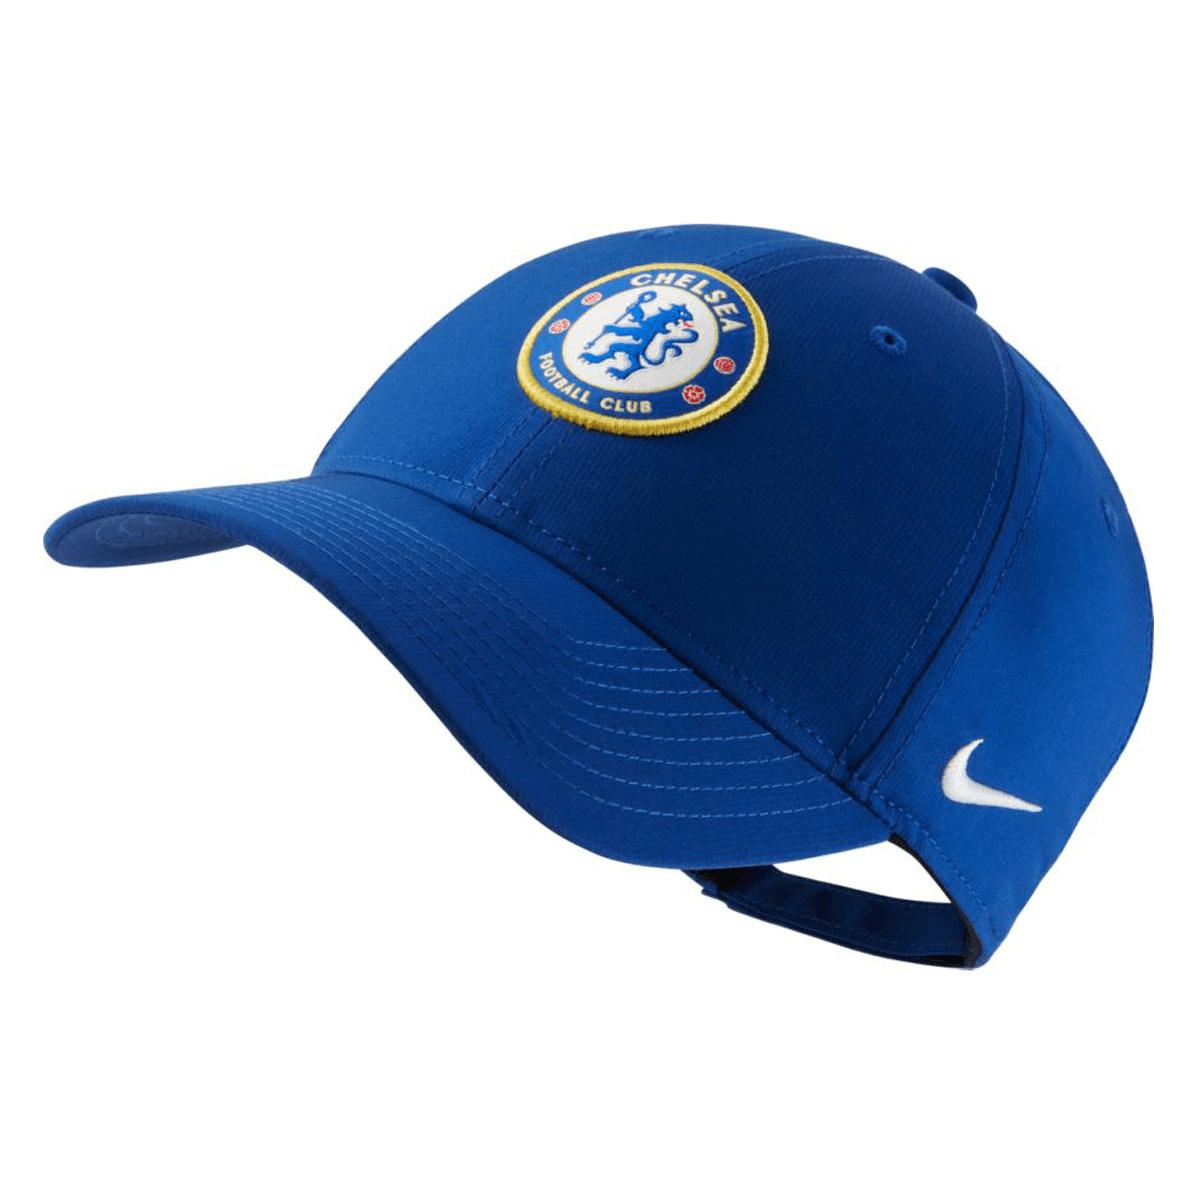 e4de7a27c57 Nike Chelsea FC pet Legacy91 Adjustable Cap blauw/wit - Voetbal shop